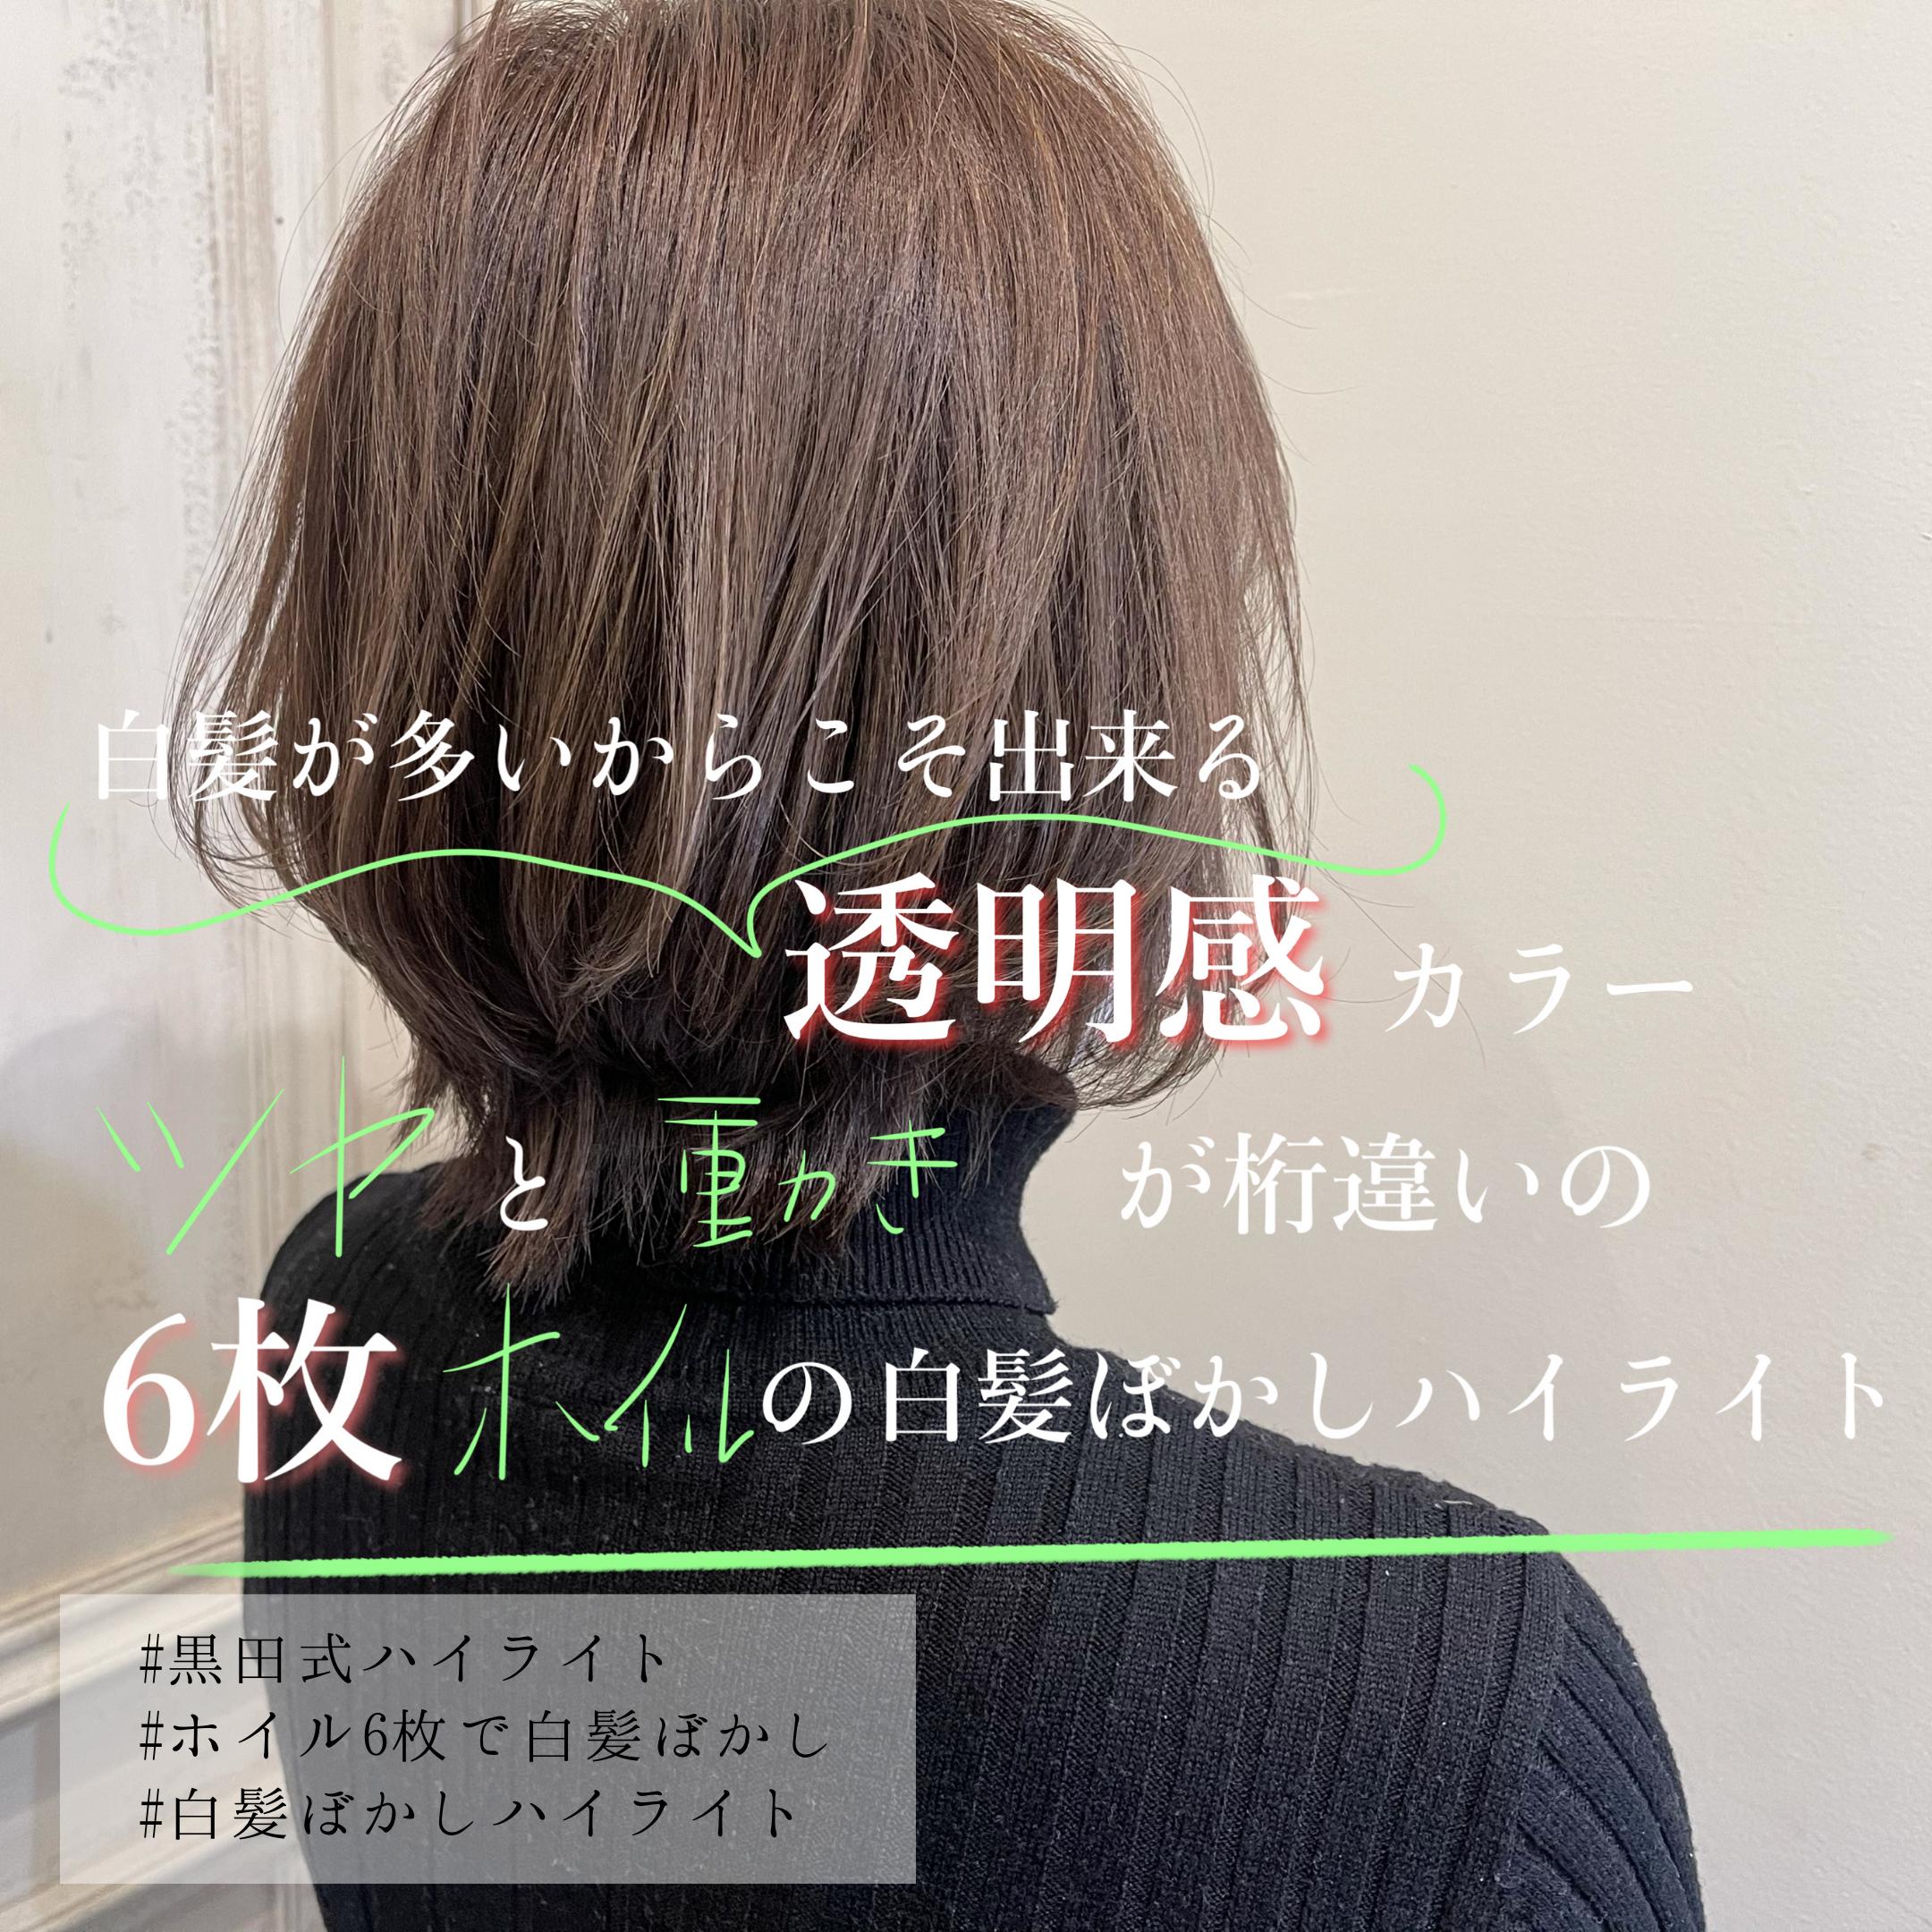 白髪ぼかしハイライト 黒田式ハイライト 明るい白髪染め ホイル6枚